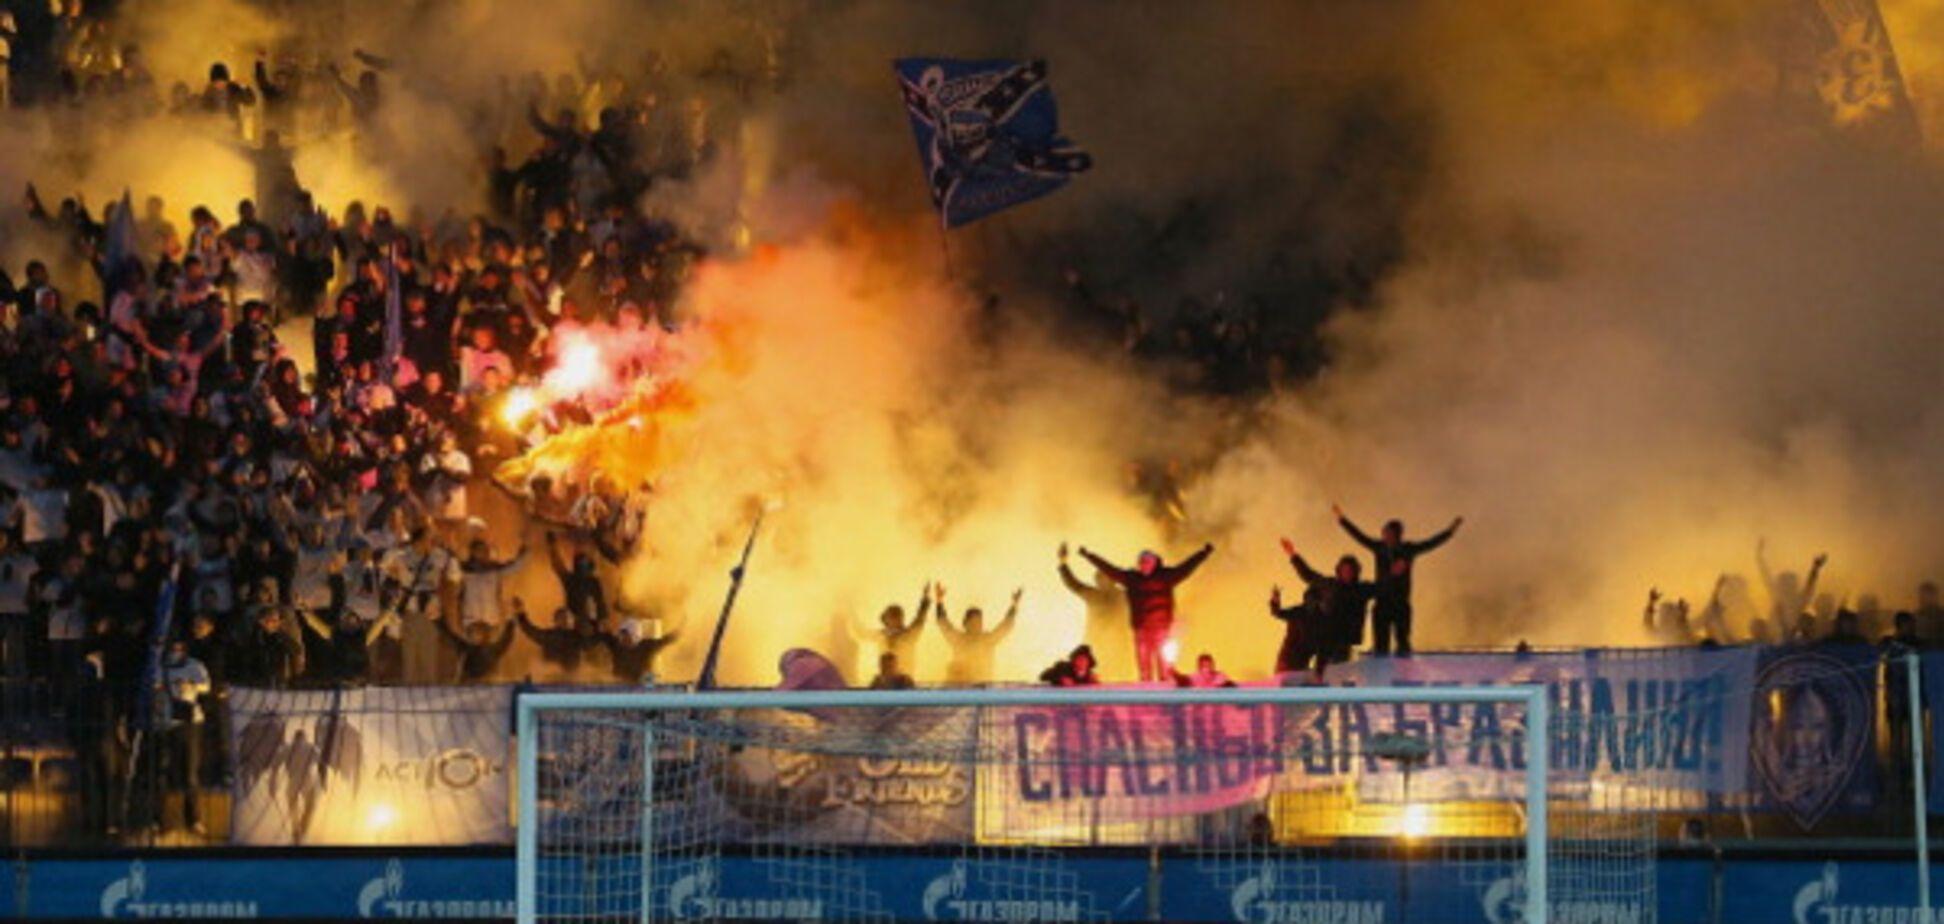 В России разозлились отказу их фанам в матче 'Заря' - 'Манчестер Юнайтед'